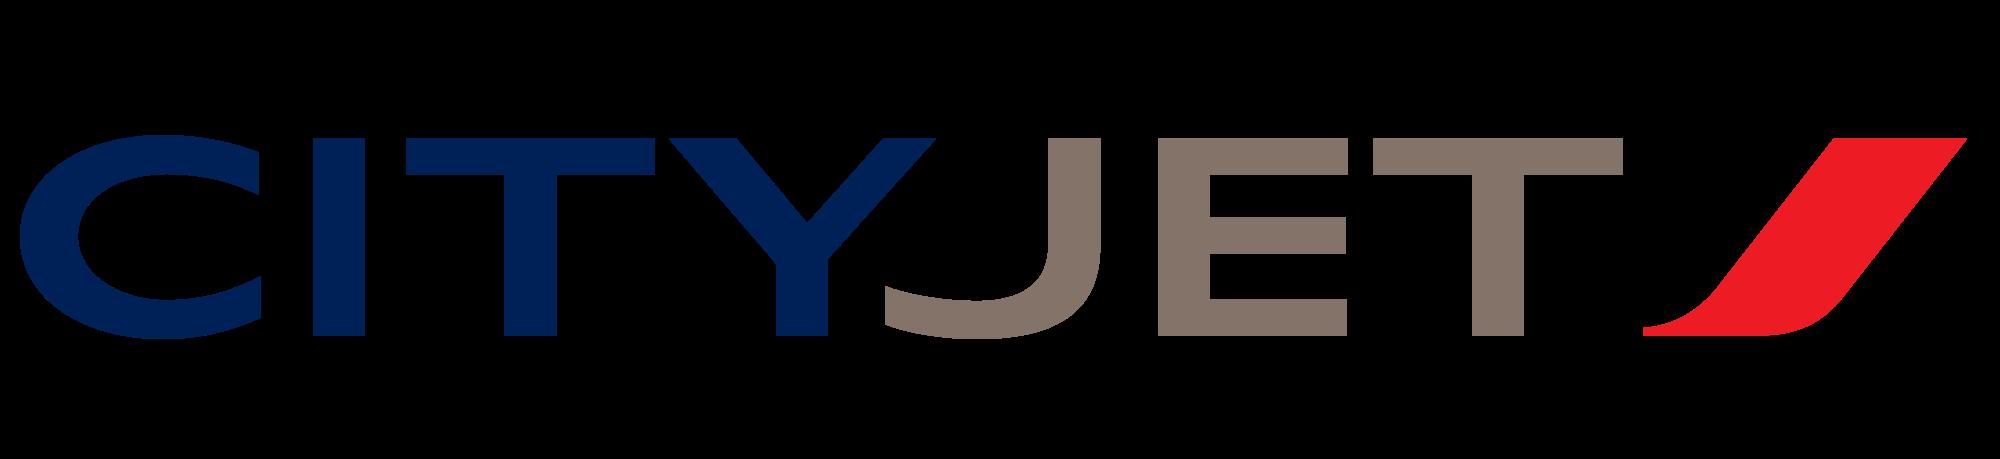 2000px-Cityjet_logo.svg